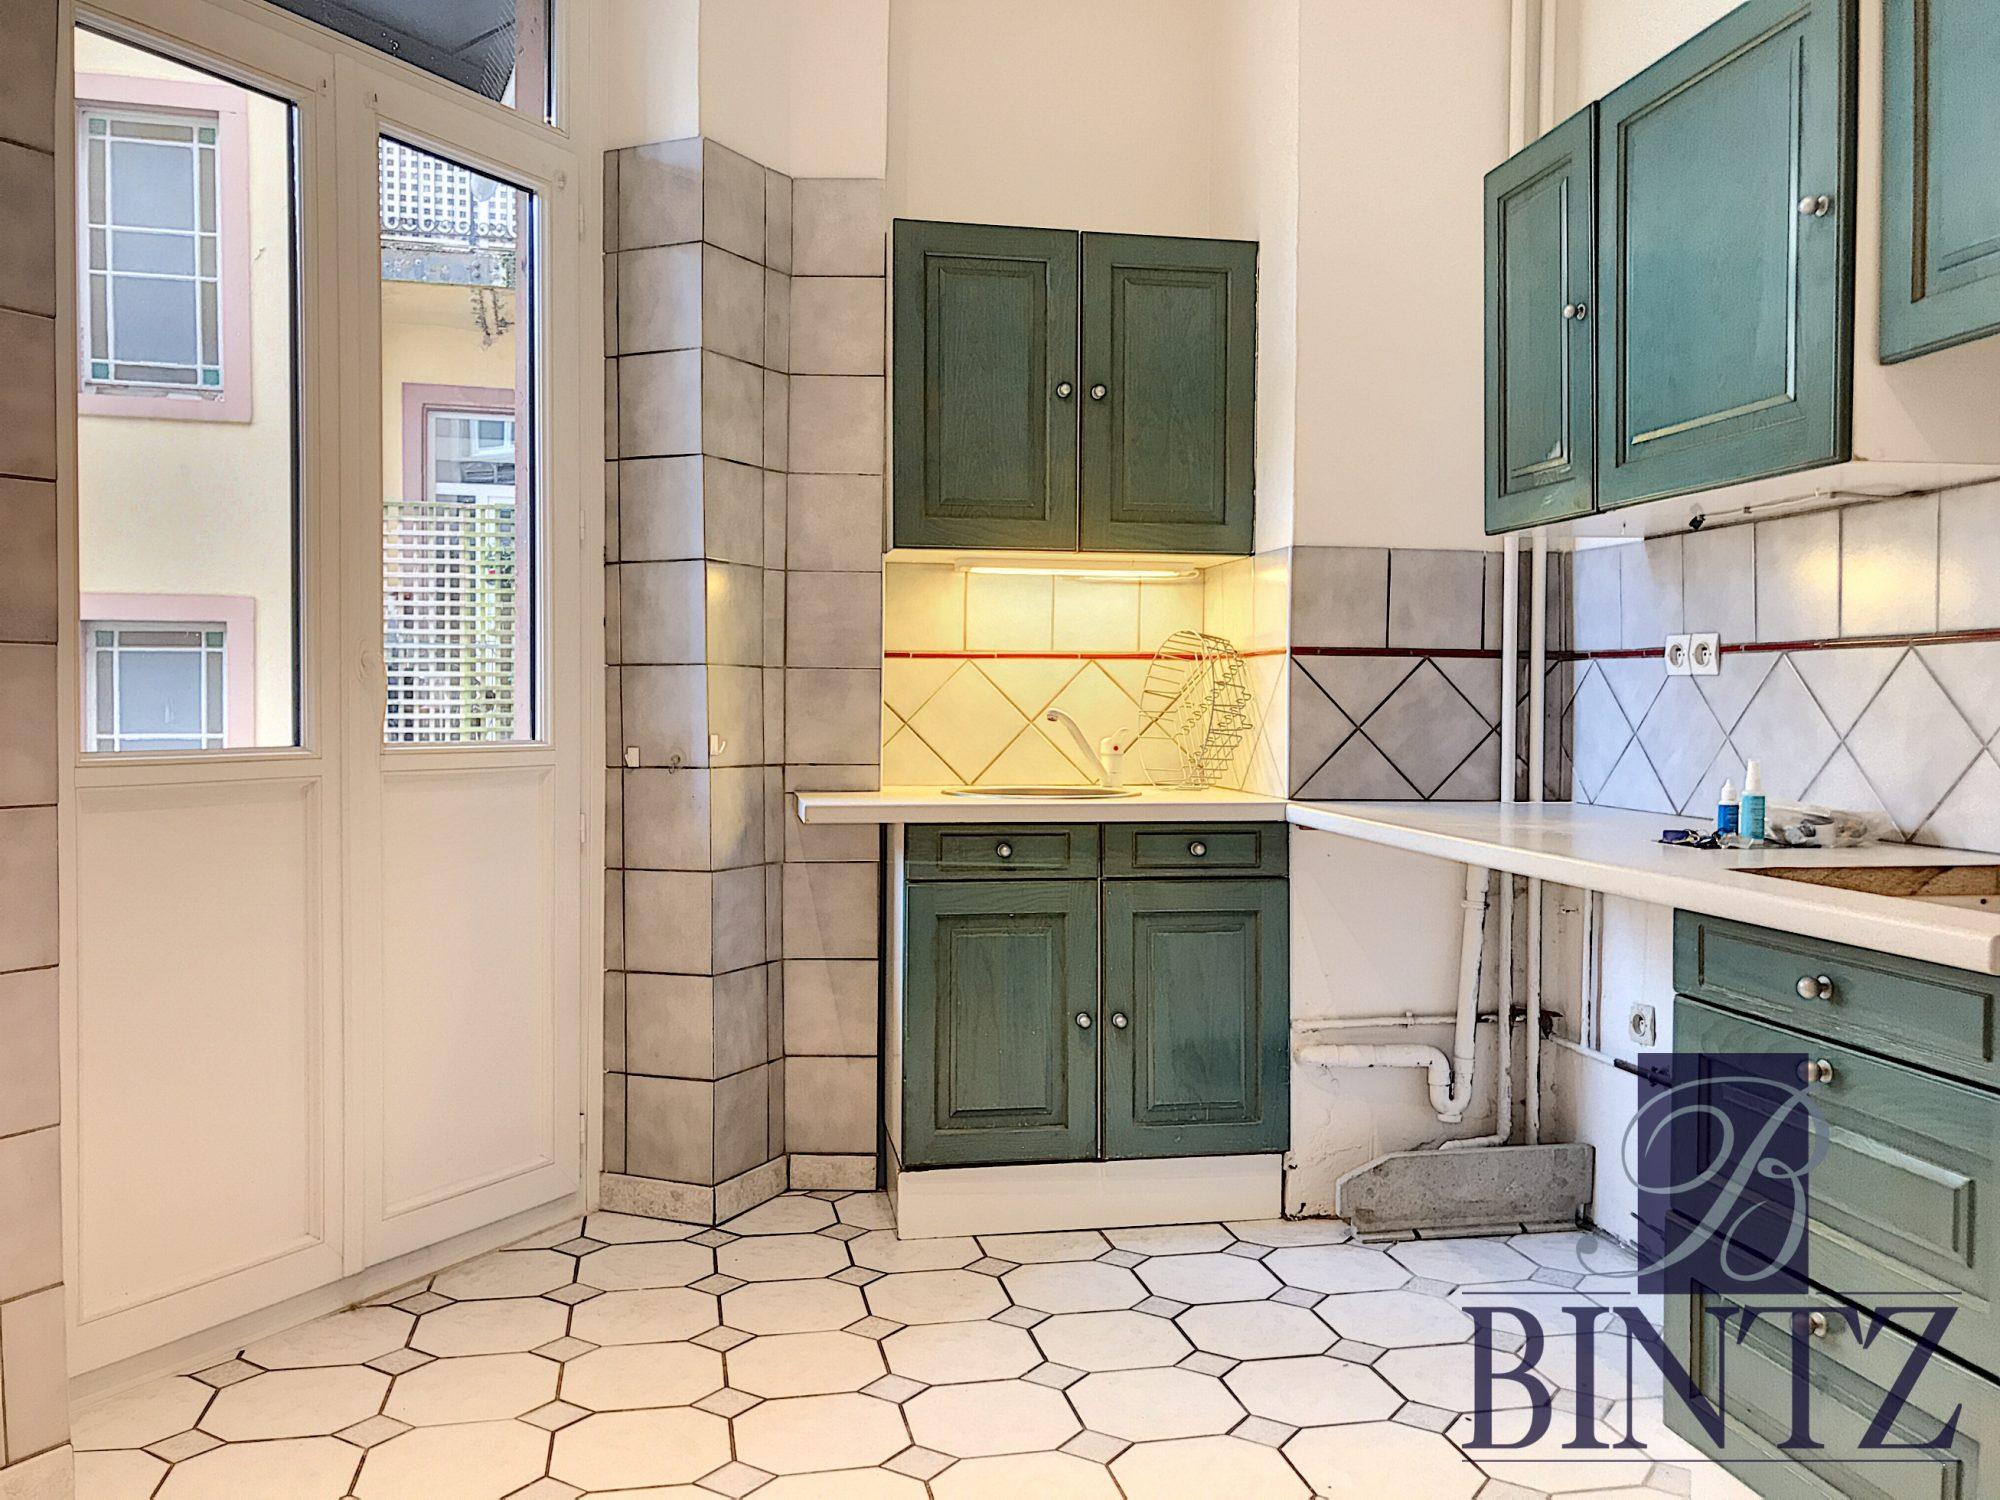 5 PIÈCES QUARTIER CONTADES AVEC 2 BALCONS - Devenez propriétaire en toute confiance - Bintz Immobilier - 7